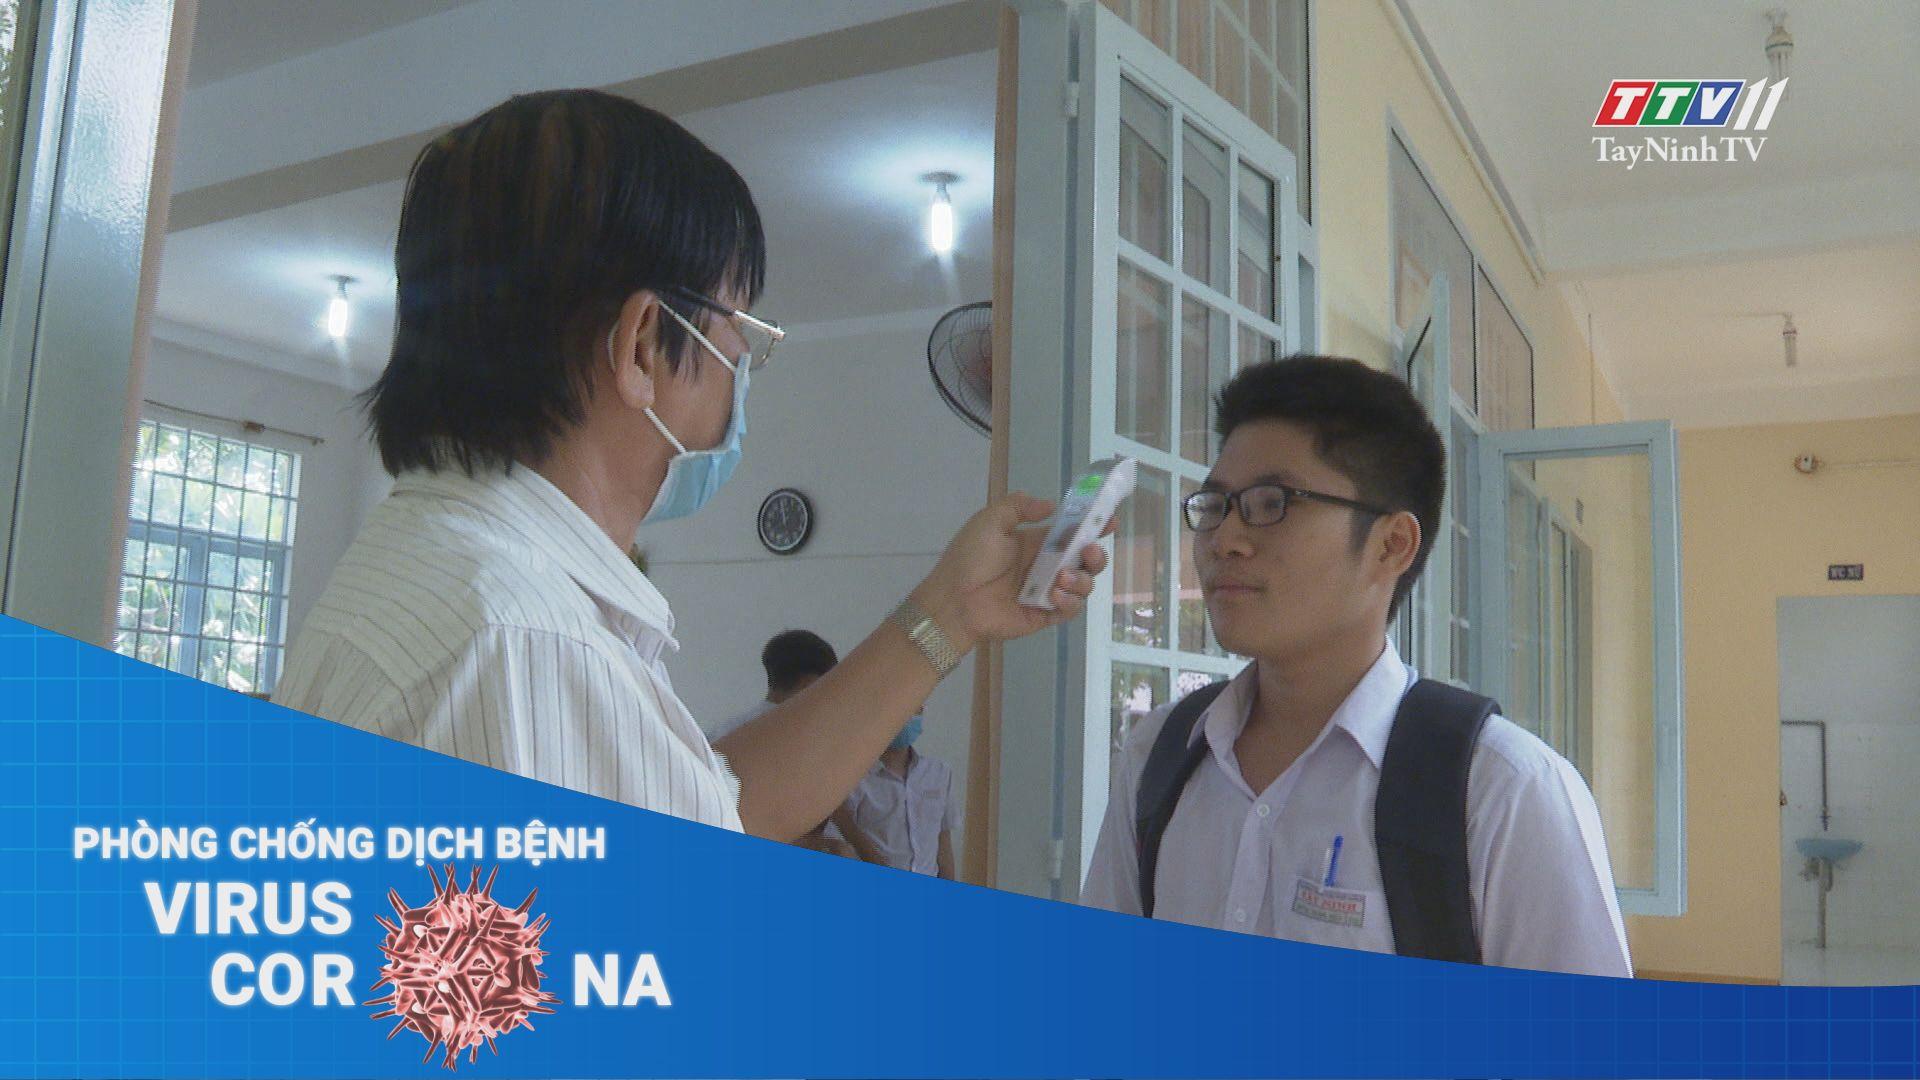 Các trường THPT tại Tây Ninh sẵn sàng đón học sinh trở lại học tập | THÔNG TIN DỊCH CÚM COVID-19 | TayNinhTV